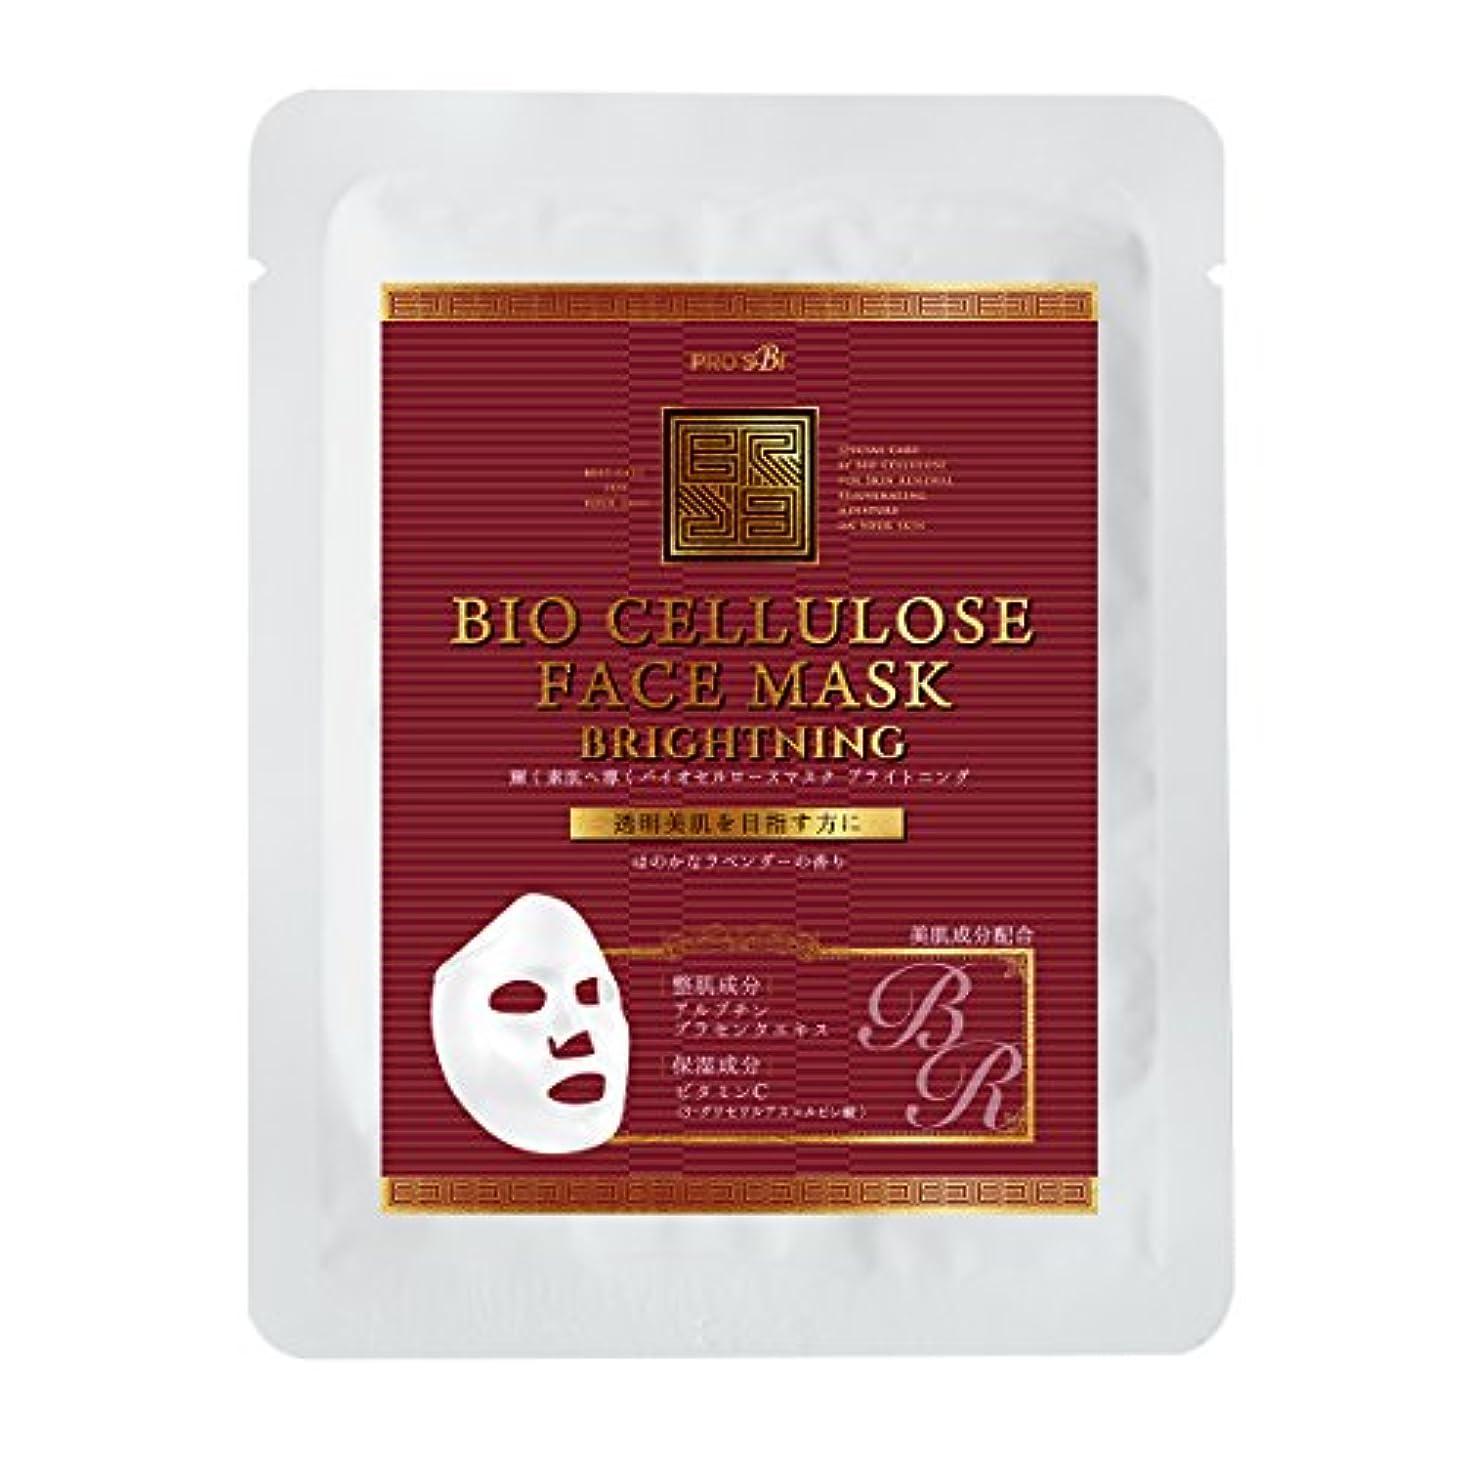 少なくとも勇気のあるスライム【全4種】 プロズビ バイオセルロースマスク ブライトニング [ フェイスマスク フェイスシート フェイスパック フェイシャルマスク シートマスク フェイシャルシート フェイシャルパック ローションマスク ローションパック 顔パック ]